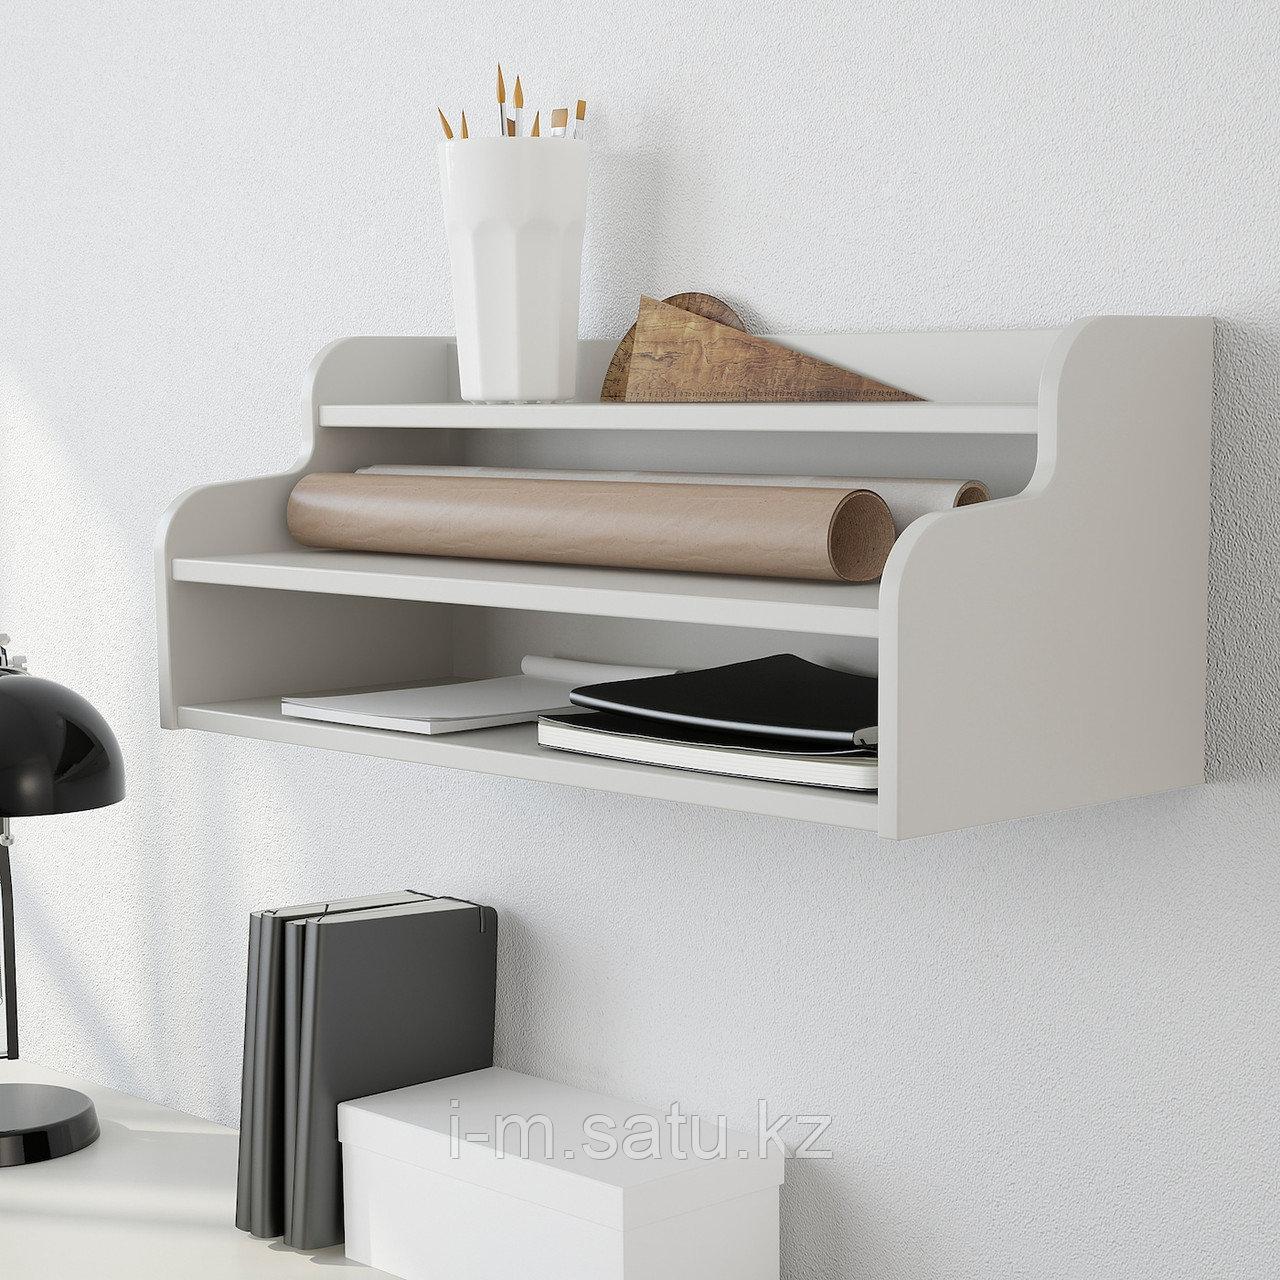 КЛИМПЕН Дополнительный модуль, светло-серый серый, серый светло-серый 58x23 см